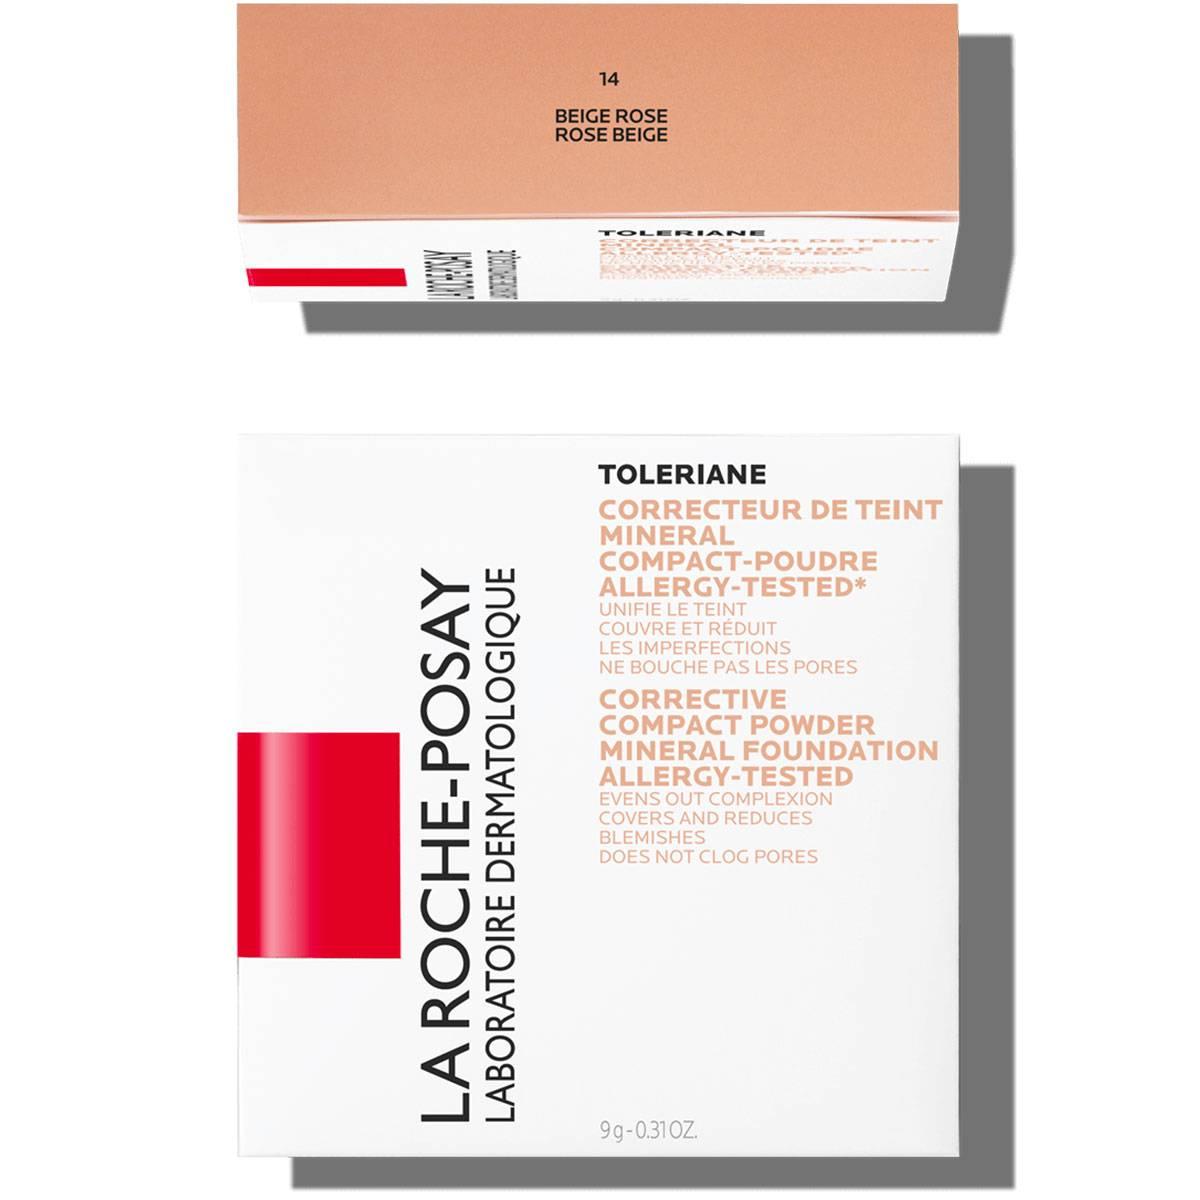 La Roche Posay Citlivá Toleriane Make-up KOMPAKTNÍ PUDR 14RoseBeige